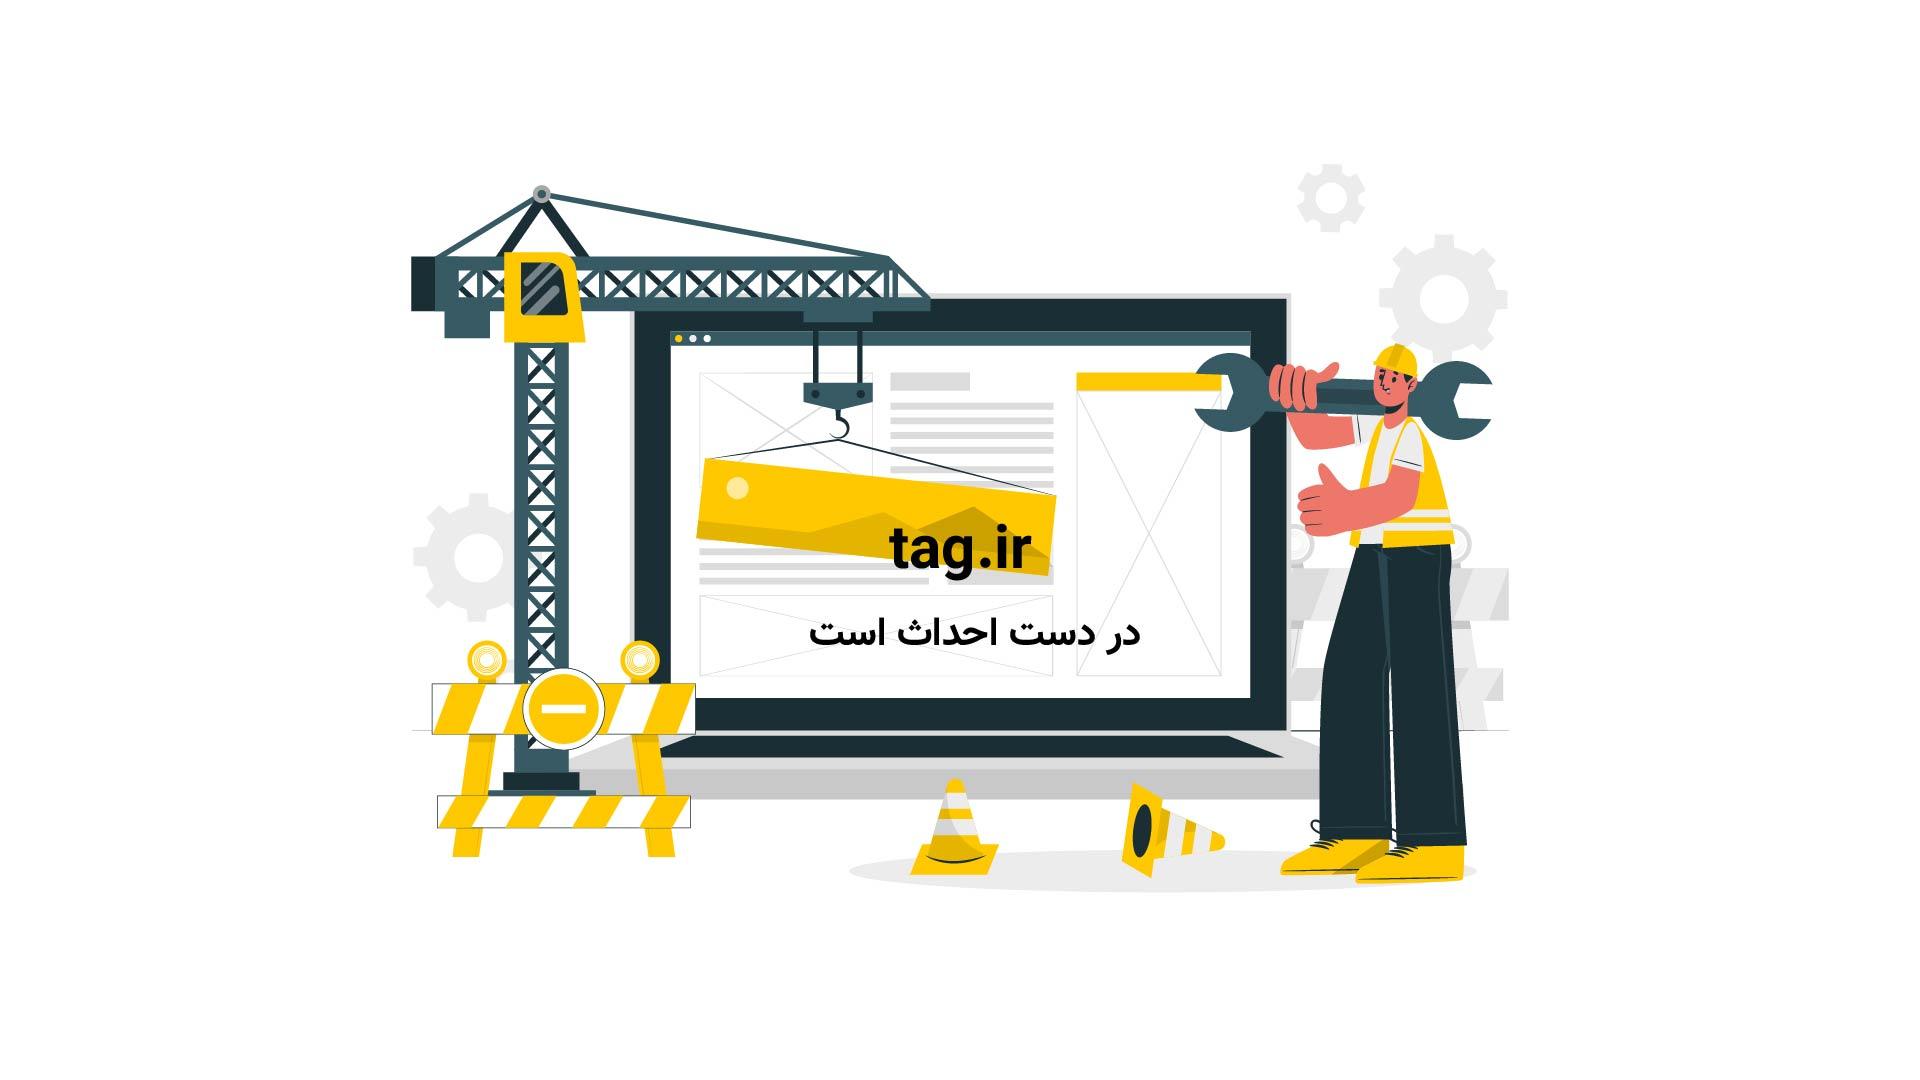 حمله وحشیانه شیرهای نر خشمگین به دو چیتا | فیلم